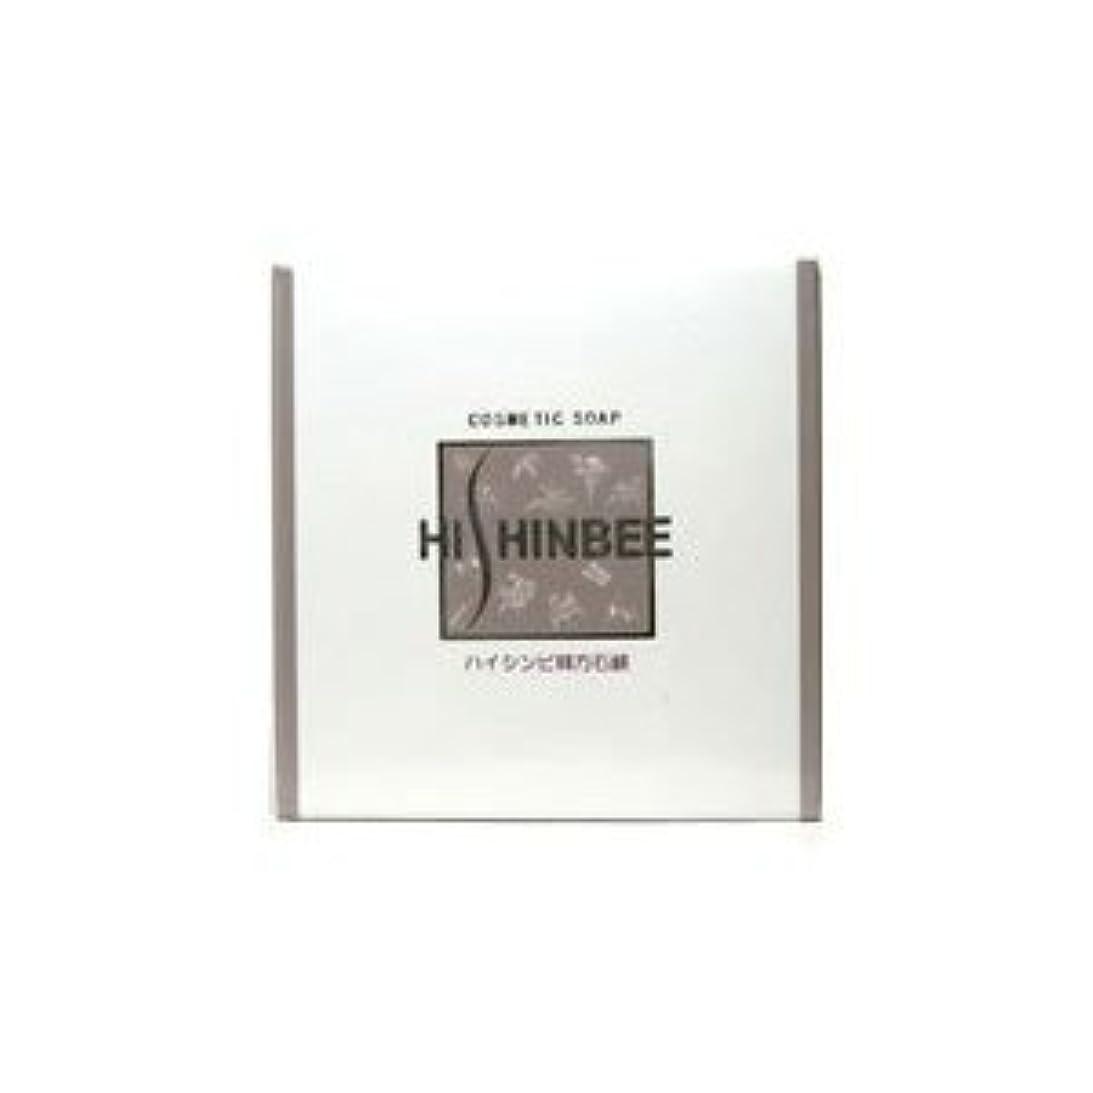 砂のアライアンス★韓国産★ハイシンビ 韓方石鹸 120g 1BOX(24個)